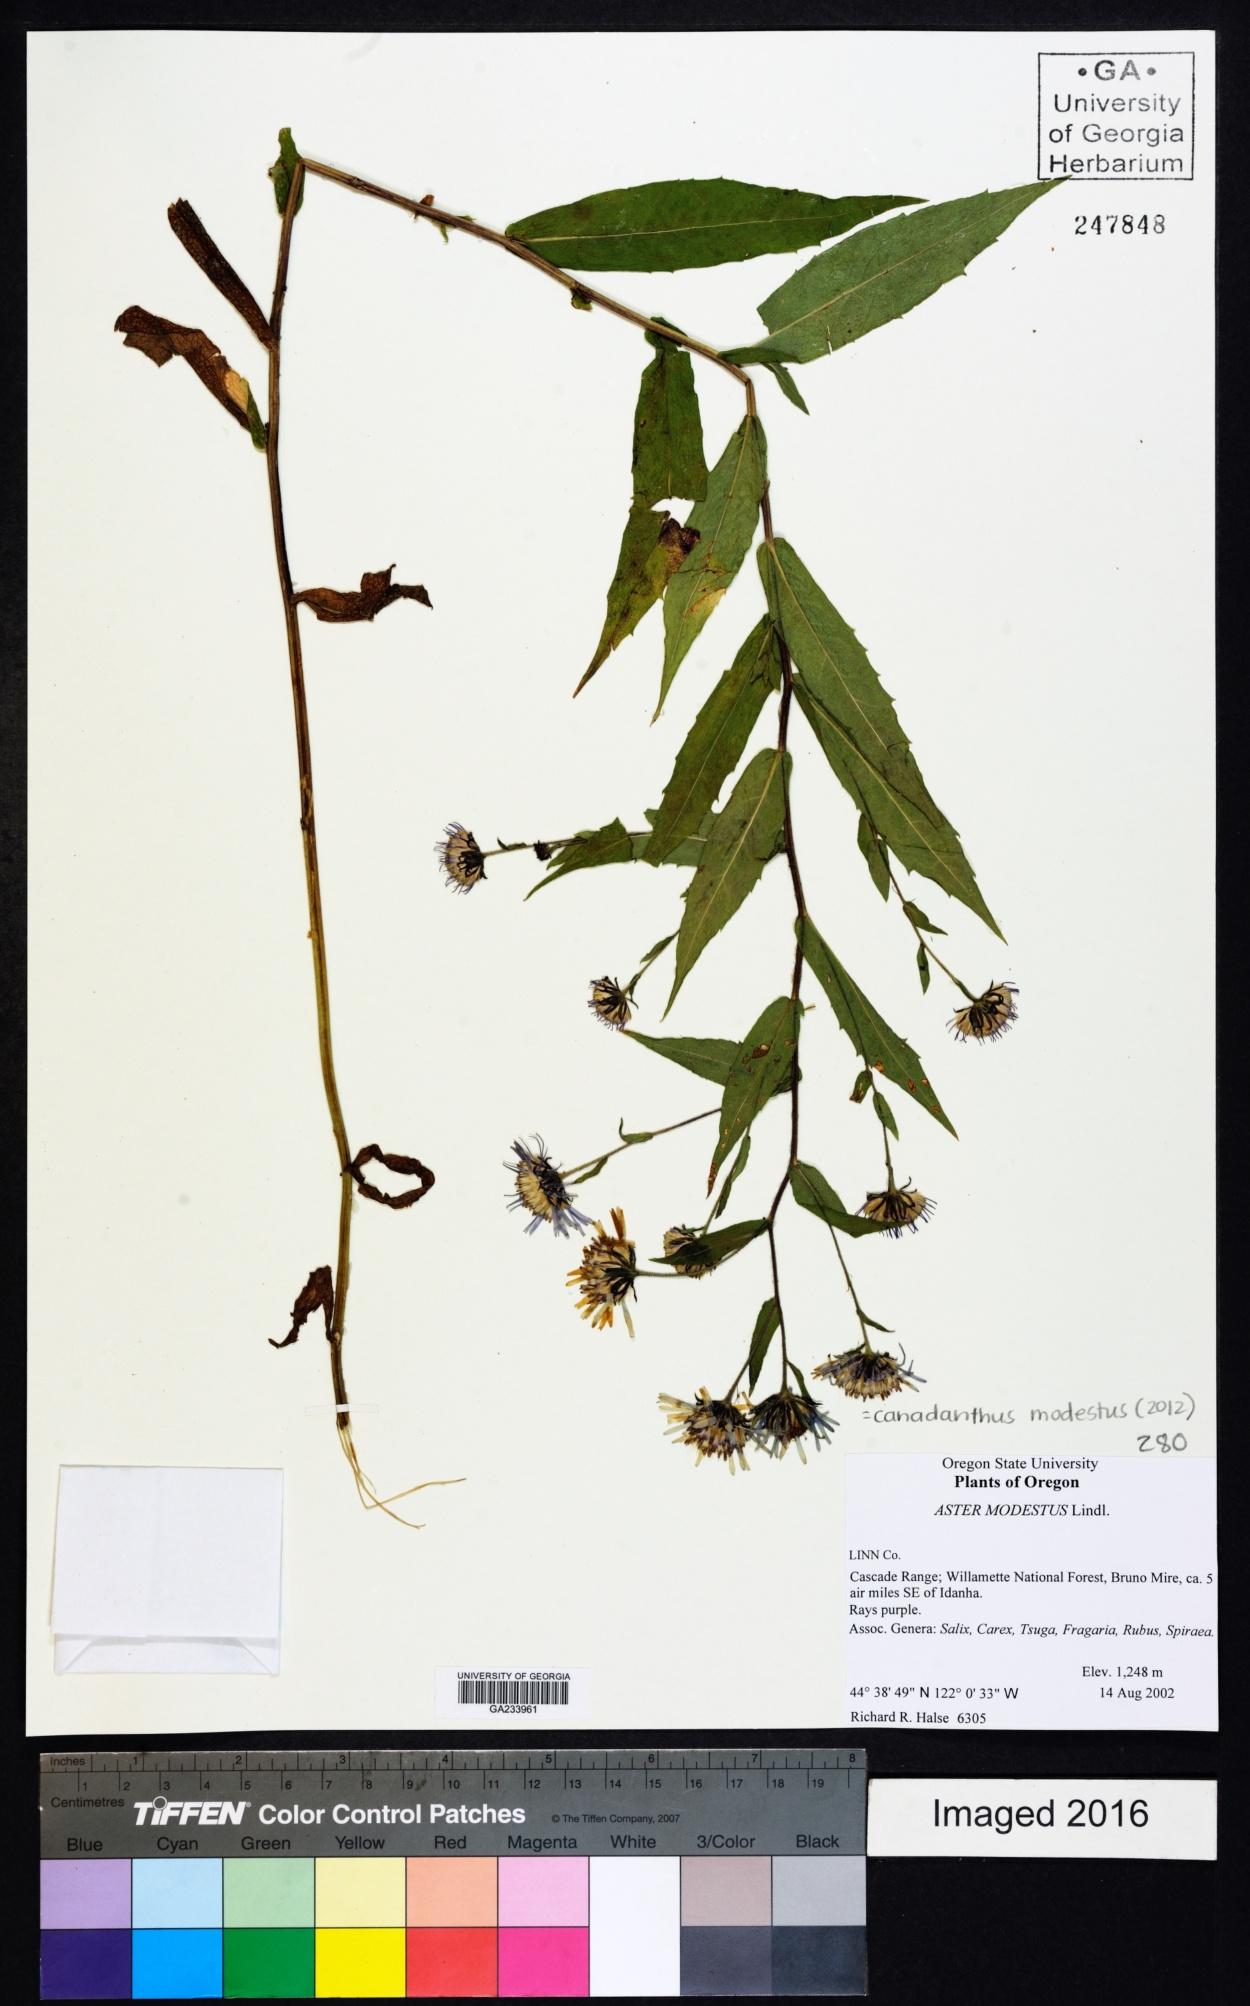 Canadanthus image